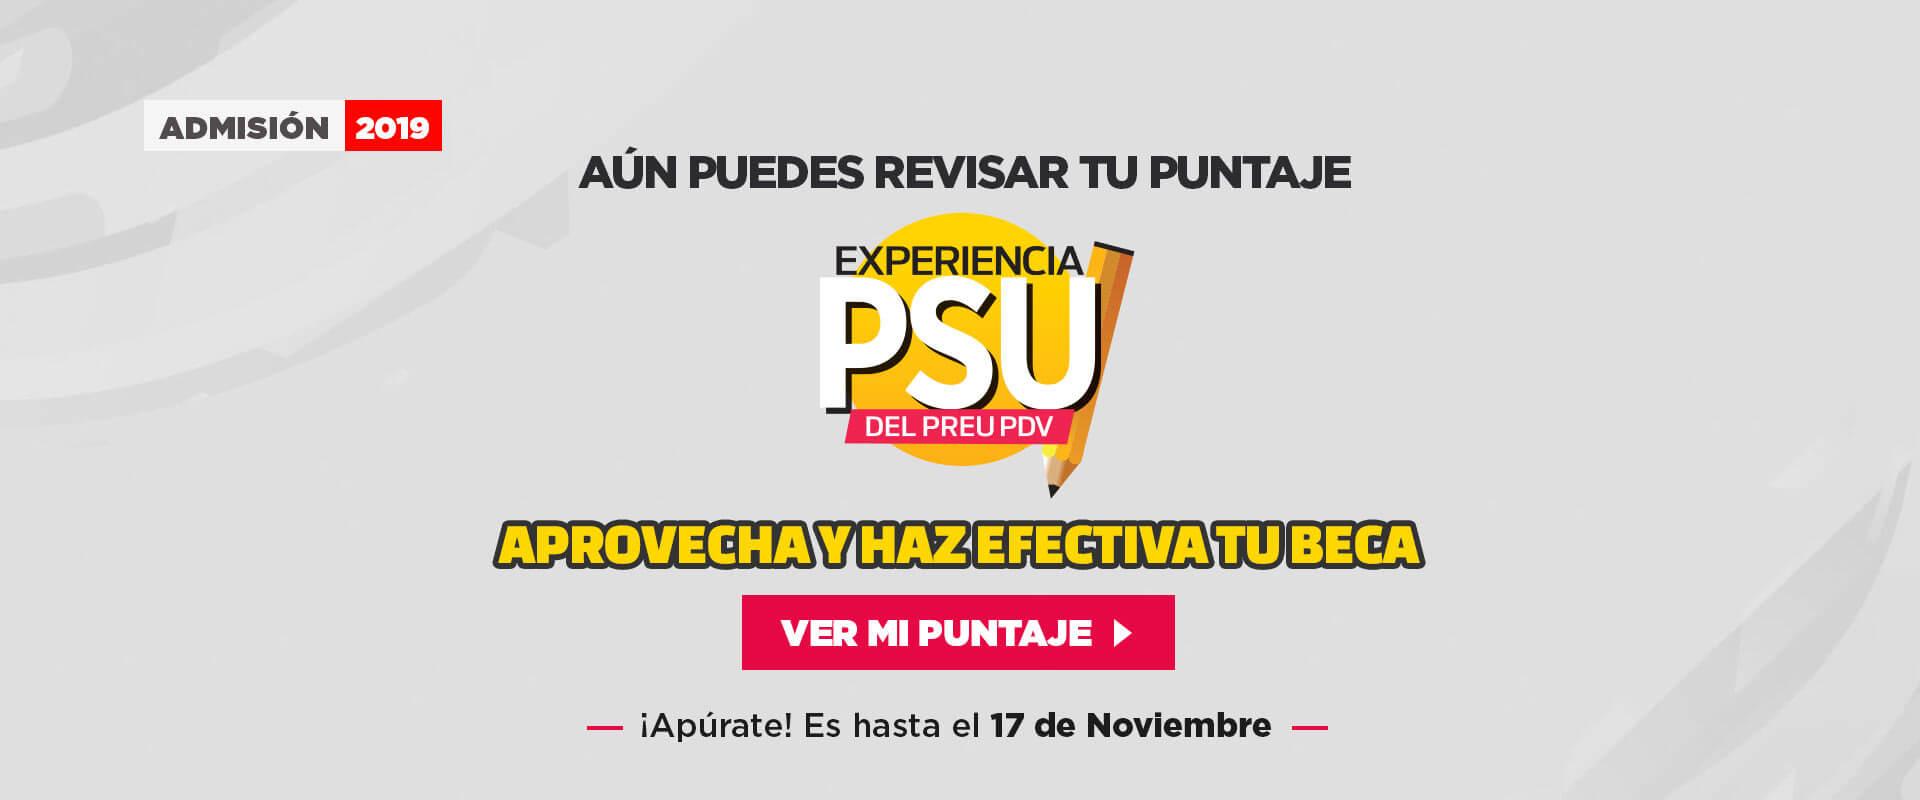 Experiencia PSU -Preuniversitario Pedro de Valdivia